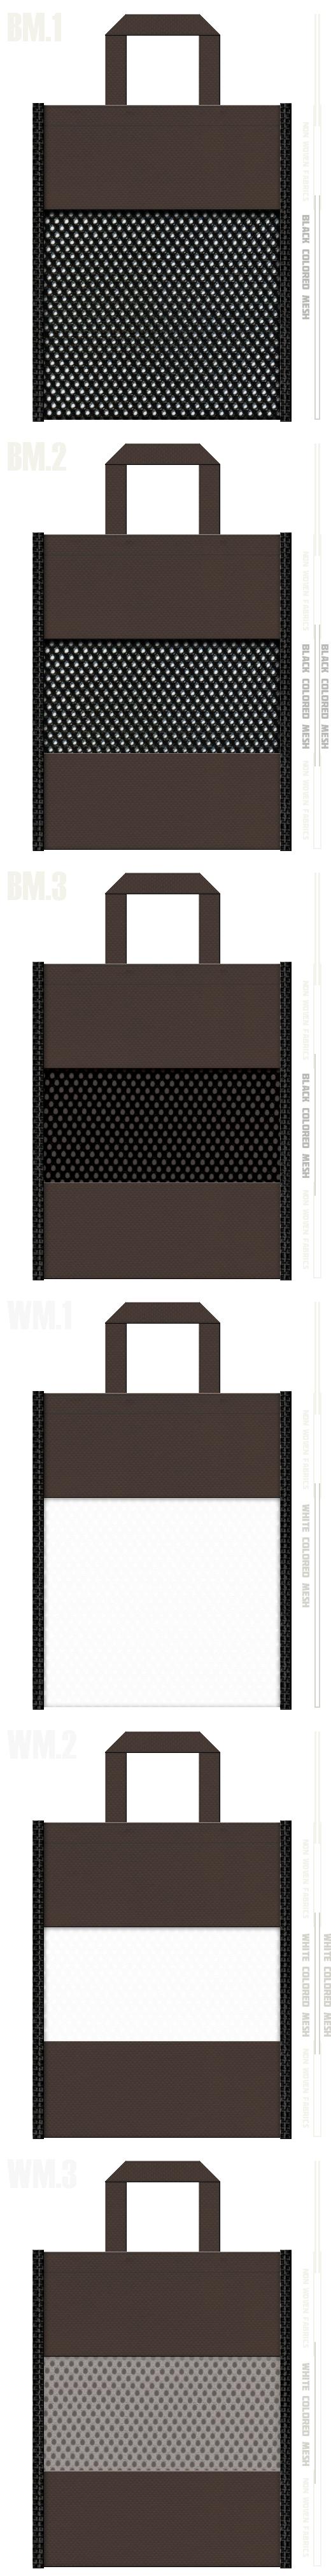 フラットタイプのメッシュバッグのカラーシミュレーション:黒色・白色メッシュとこげ茶色不織布の組み合わせ